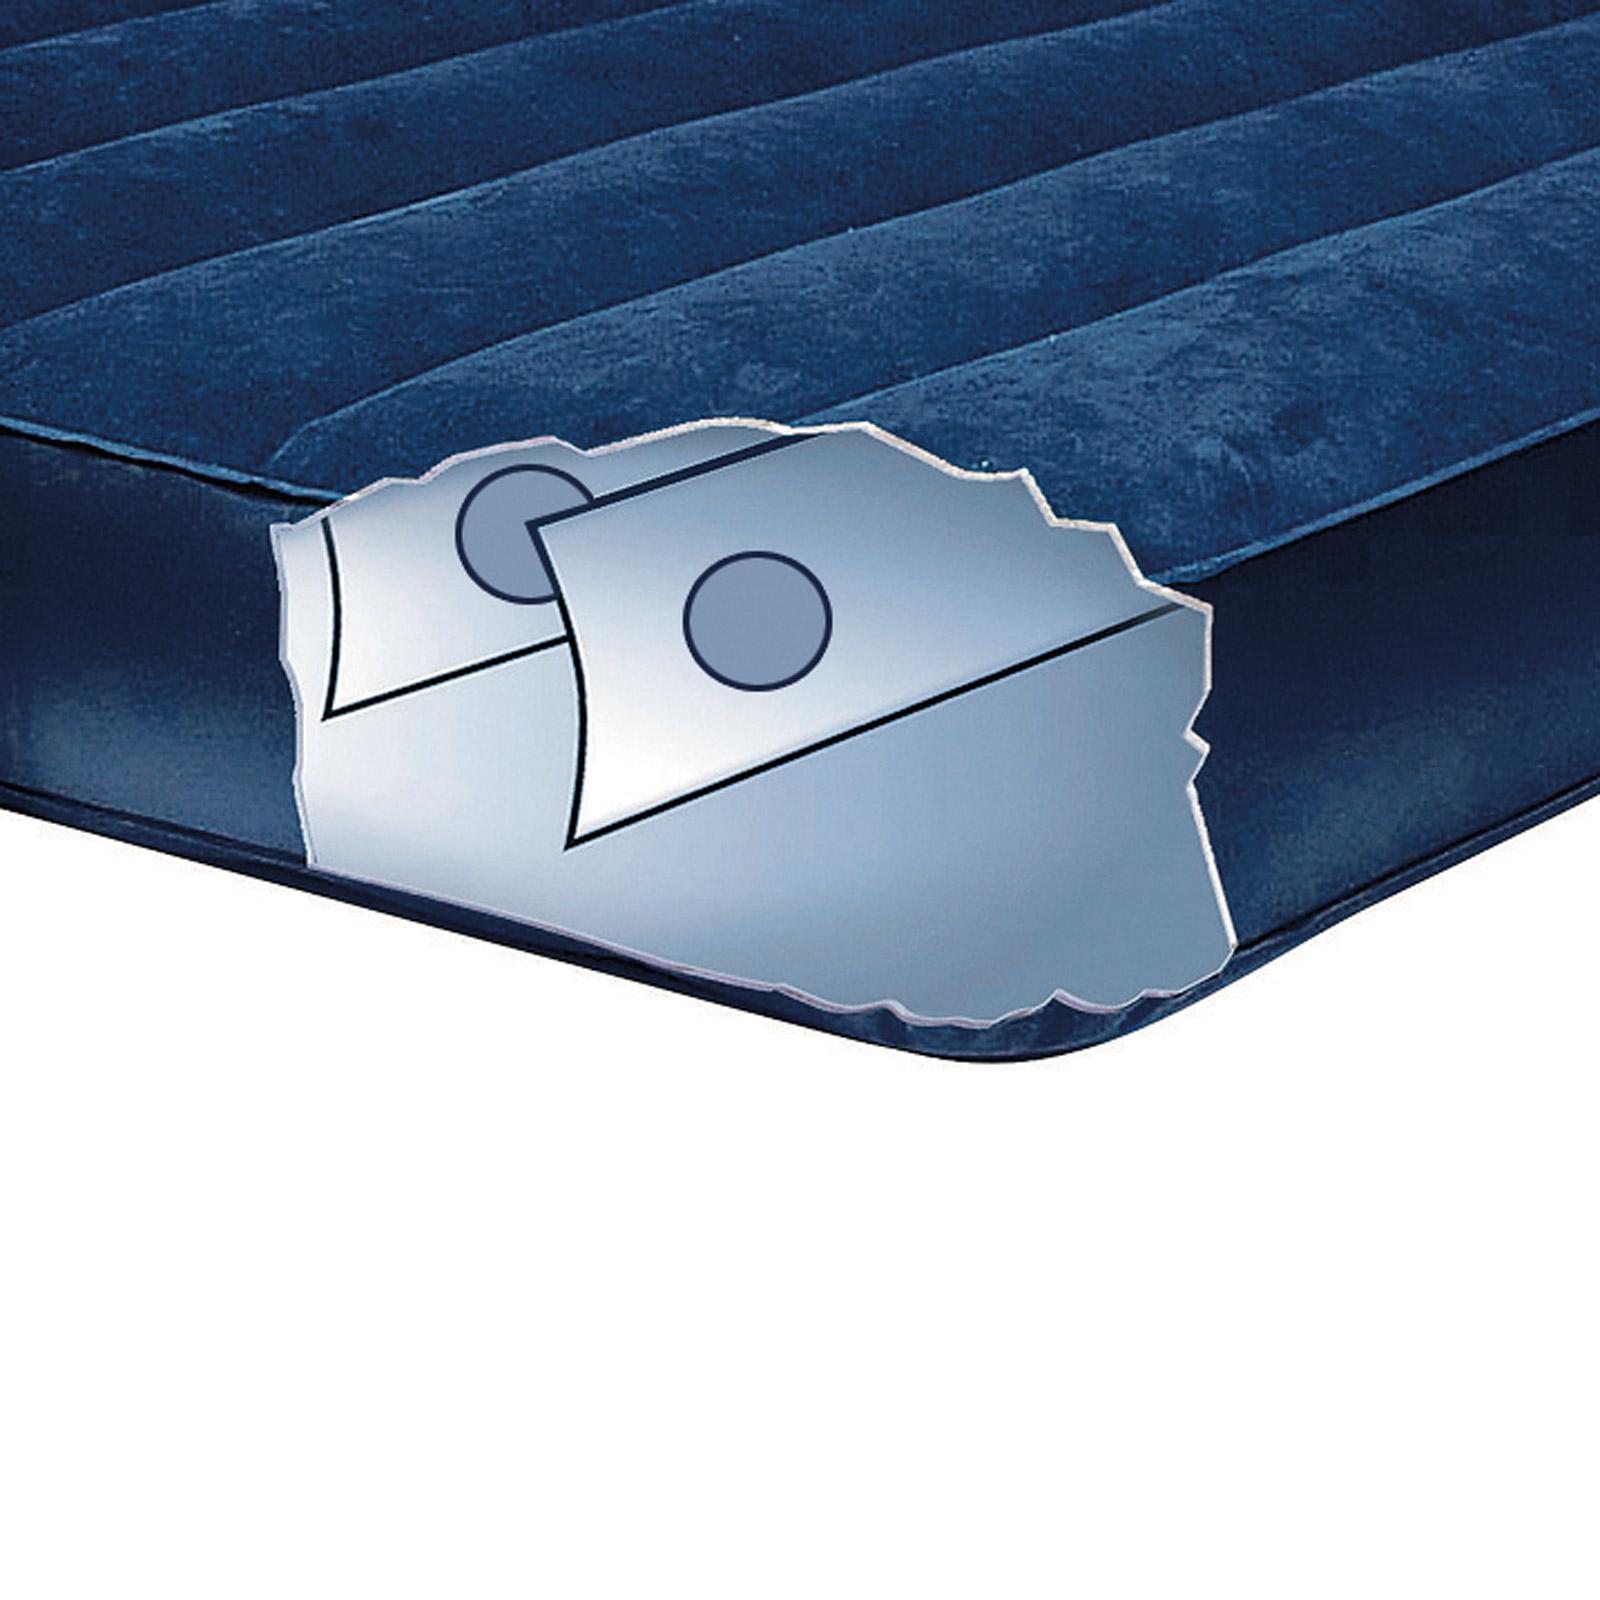 Intex Luftbett 203x183x25 cm blau Gästebett Luftmatratze